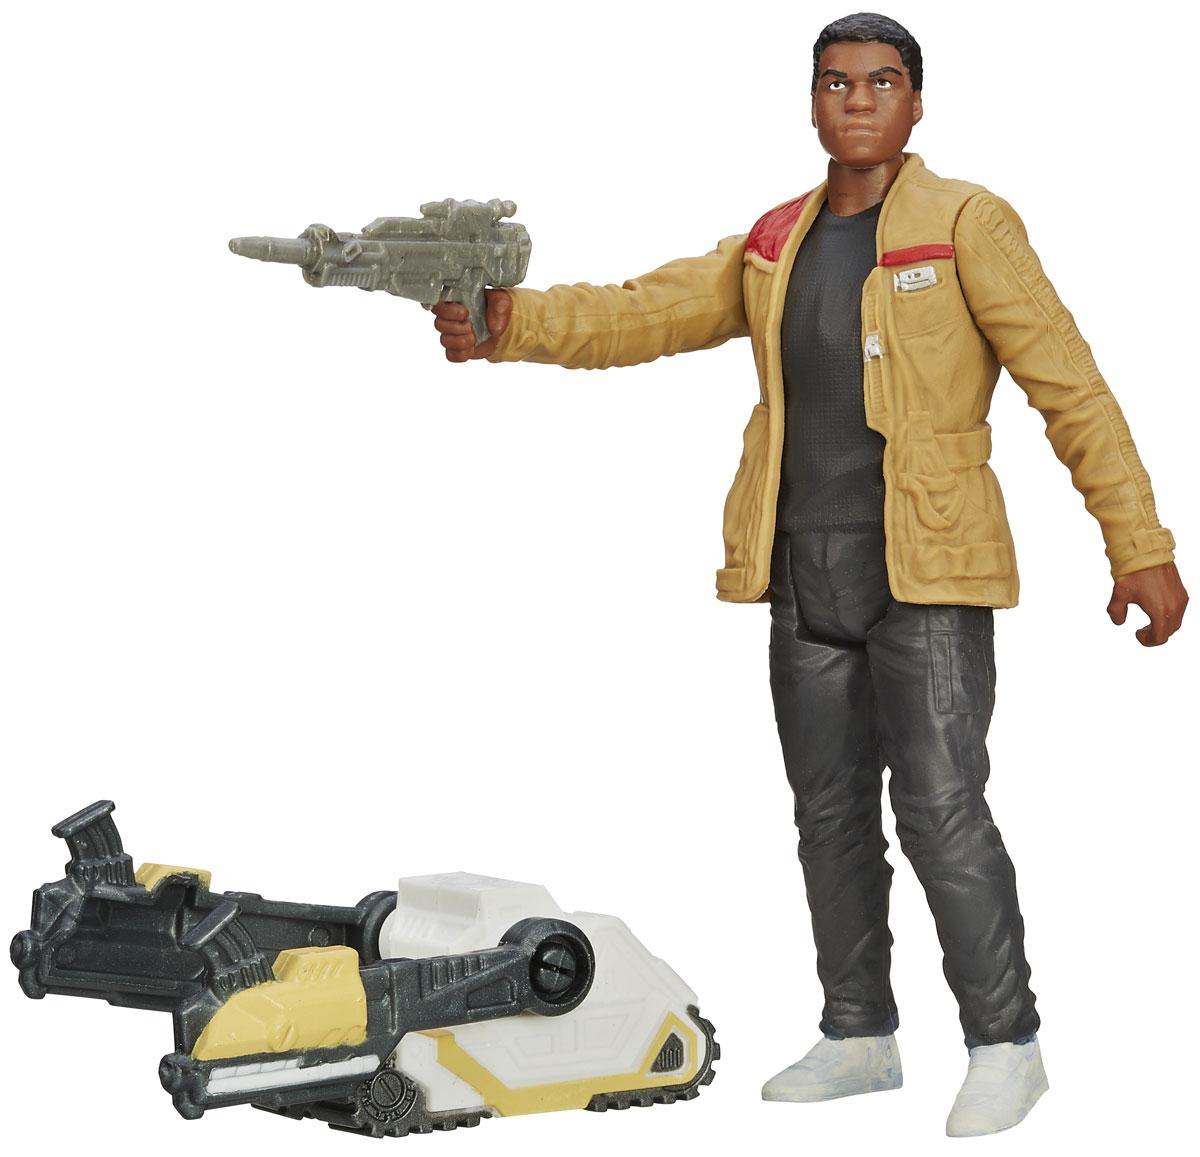 Star Wars Фигурка Desert Mission Finn JakkuB3963EU4_B3967Фигурка Finn Jakku создана в виде героя всеми любимой фантастической саги Звездные Войны. Фигурка из пластика проработана до мельчайших деталей и является точной копией своего прототипа в уменьшенном размере. Конечности фигурки подвижны: поворачивается голова, сгибаются ноги в коленях, а руки в локтях. Все это сделает игру реалистичной и разнообразной. Такая фигурка непременно понравится поклоннику Звездных войн и станет замечательным украшением любой коллекции. В наборе: фигурка и оружие.